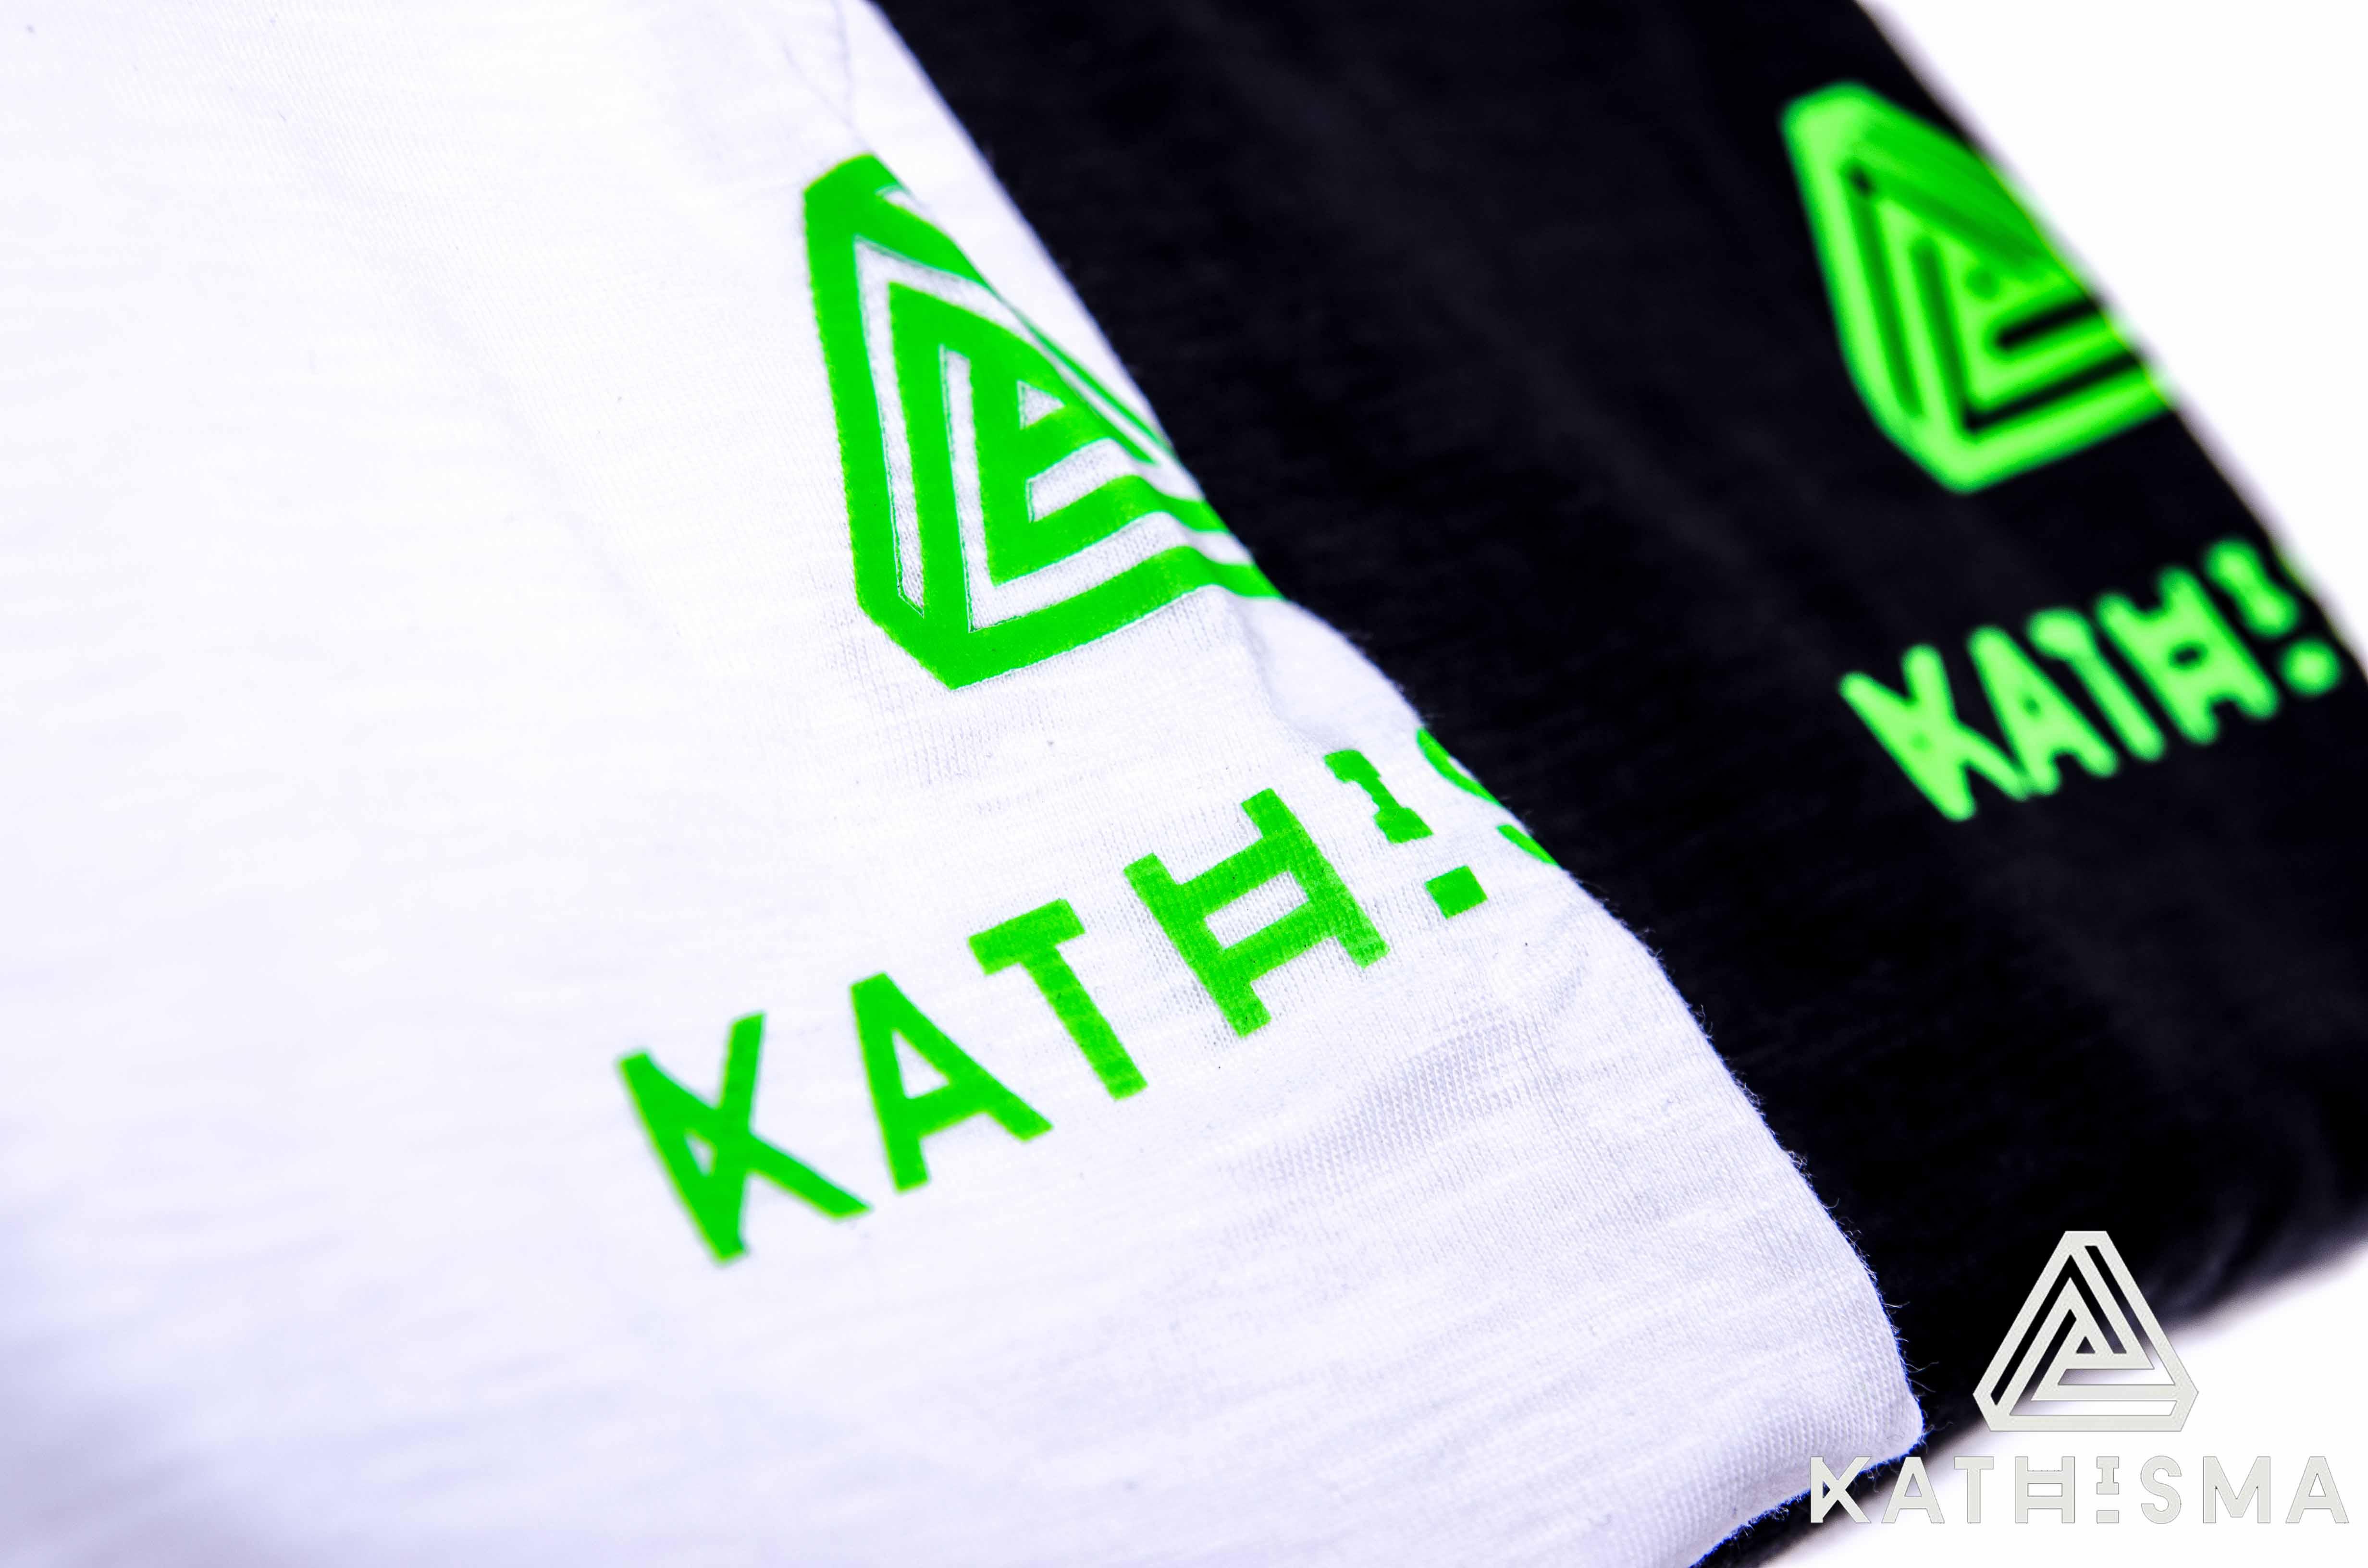 KAT_011